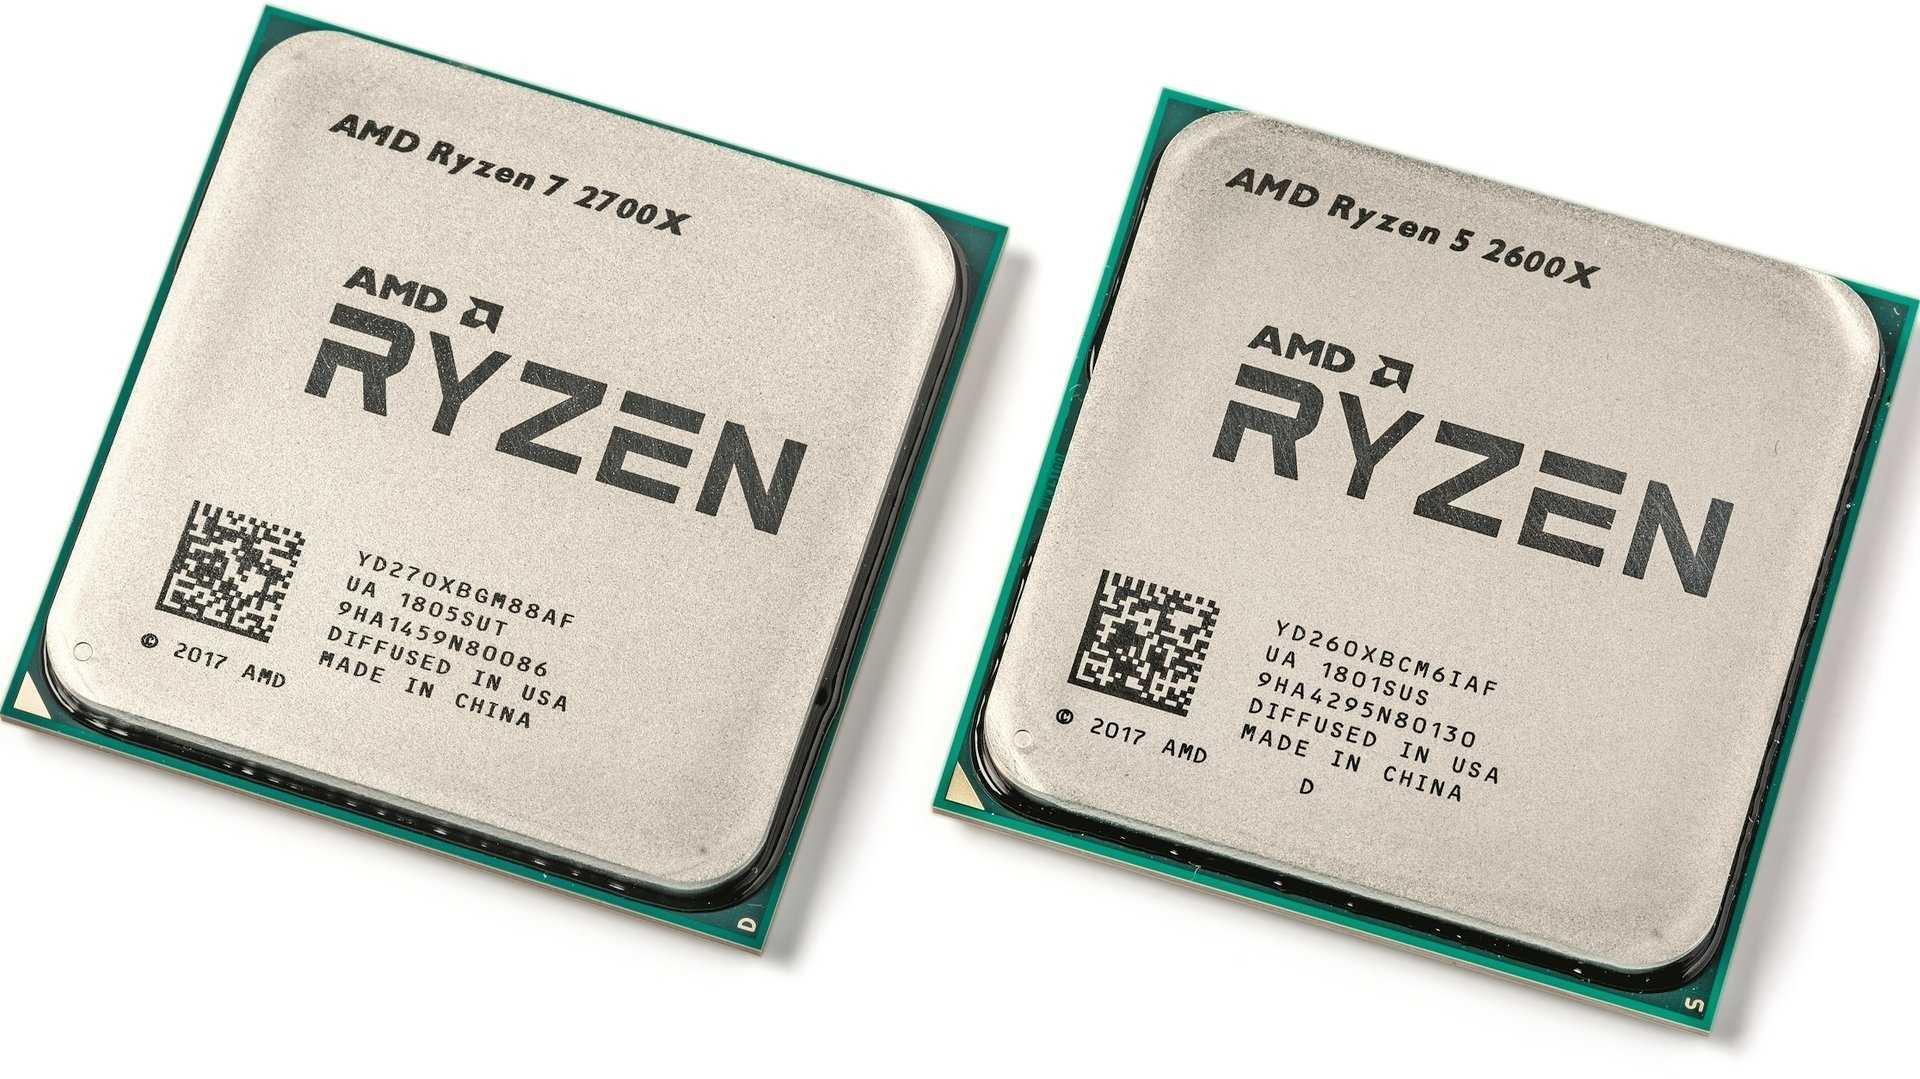 AMD Ryzen: Chipsatz mit PCI Express 3.0 für Übertakter